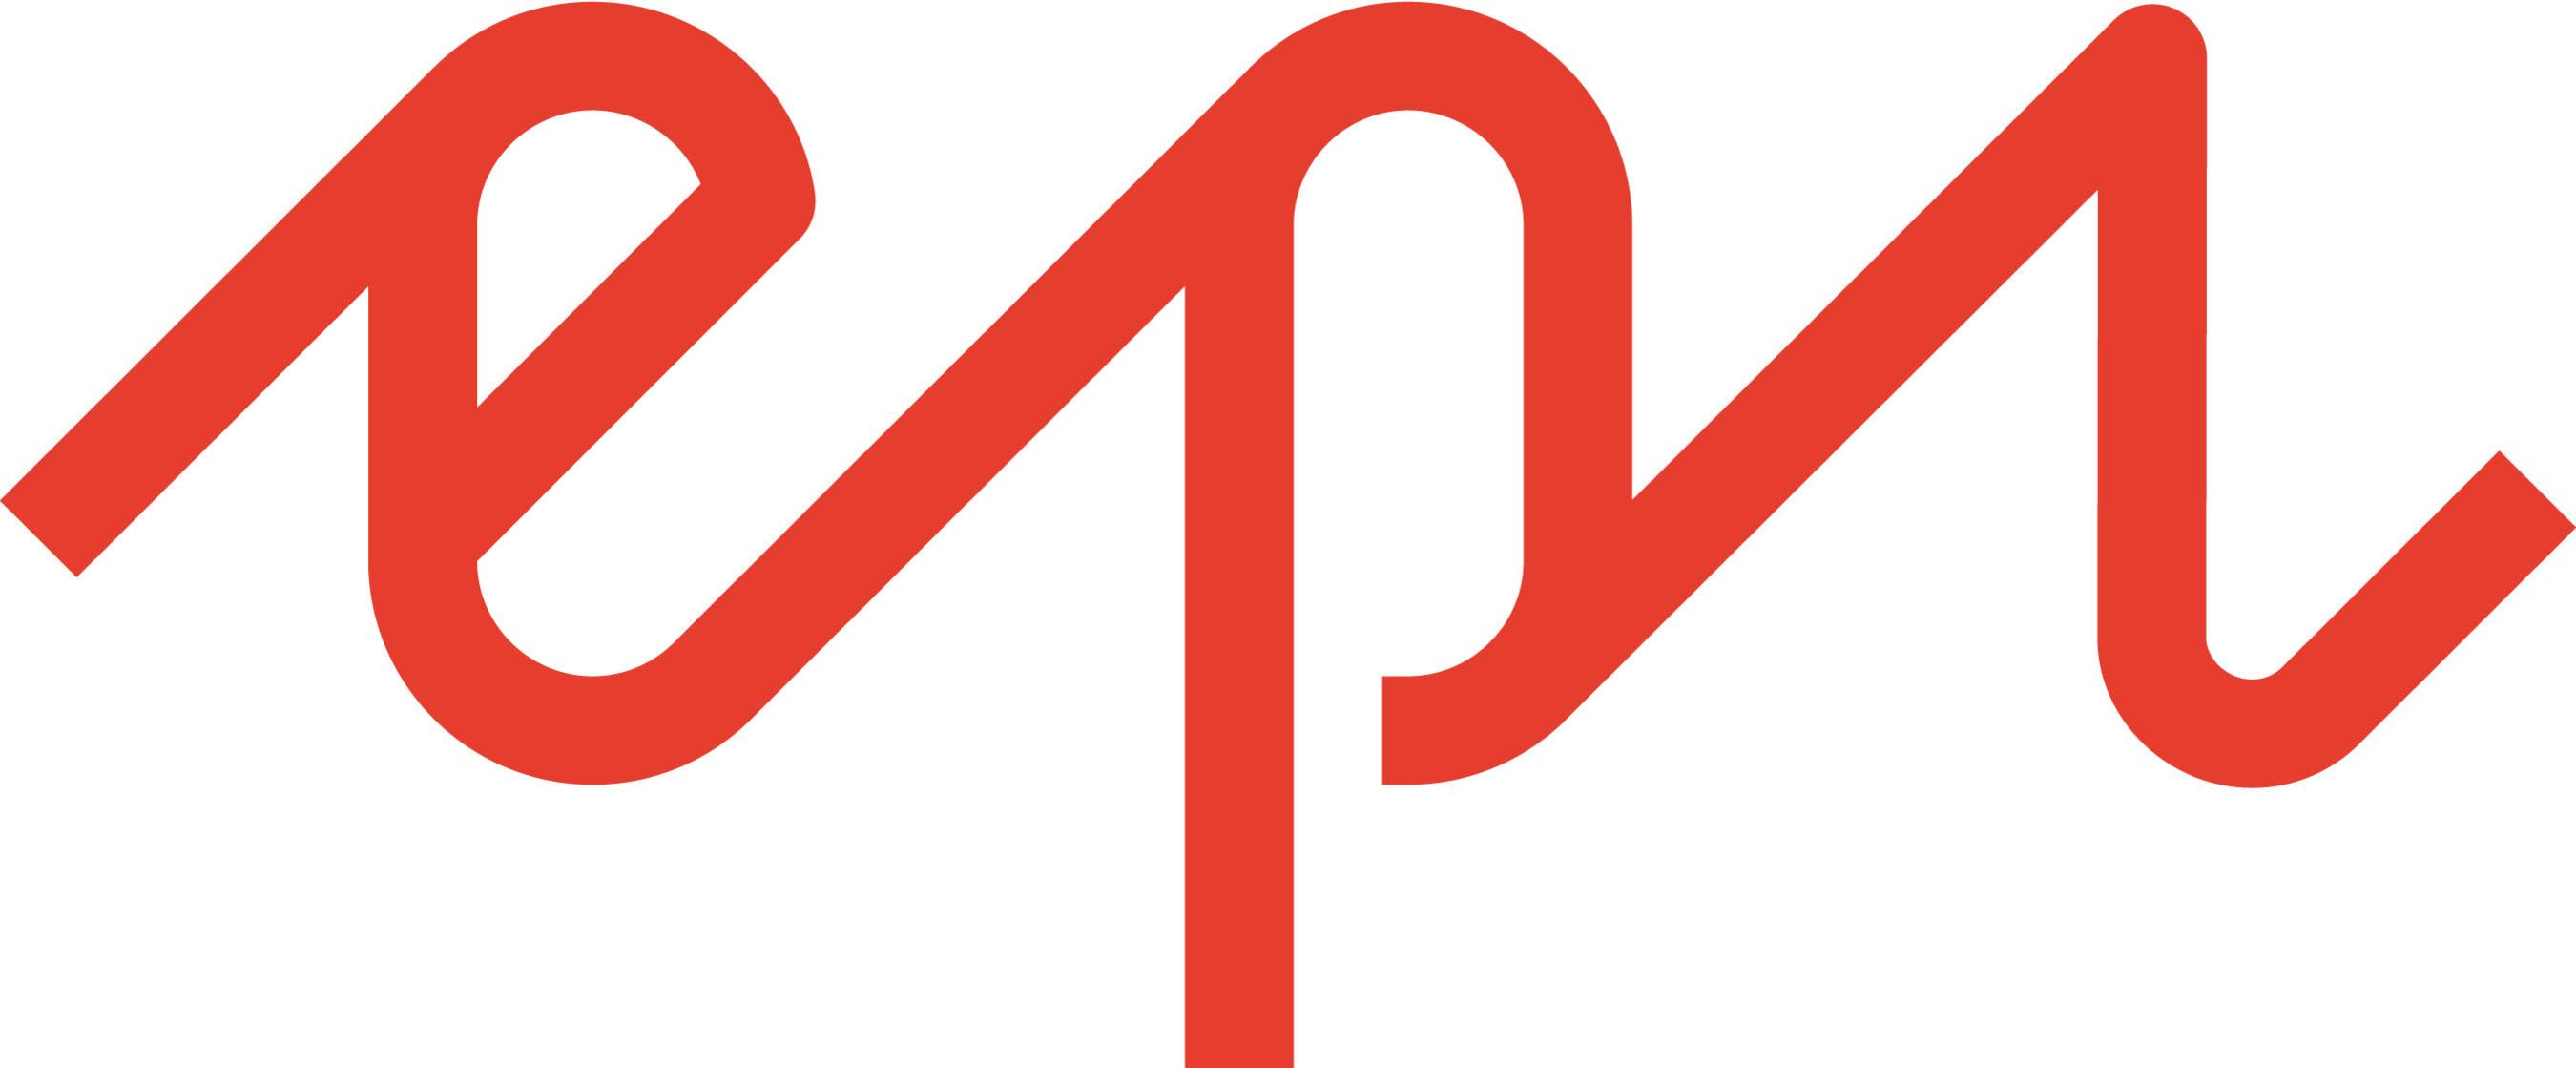 www.episerver.com